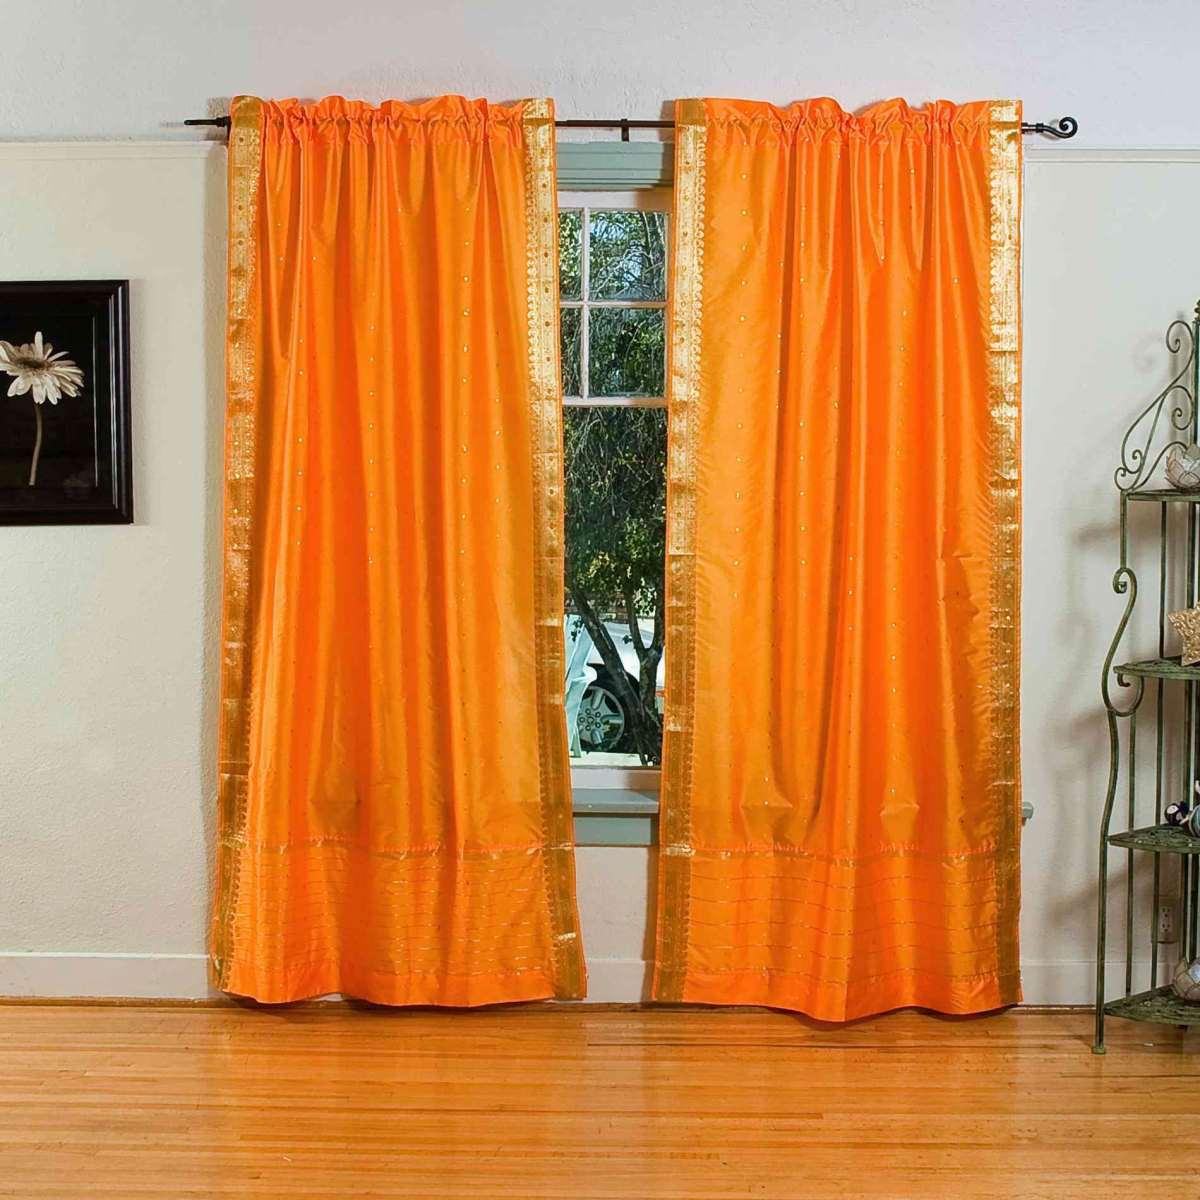 Lined-Pumpkin Rod Pocket  Sheer Sari Curtain  Drape  - 80W x 84L - Piece